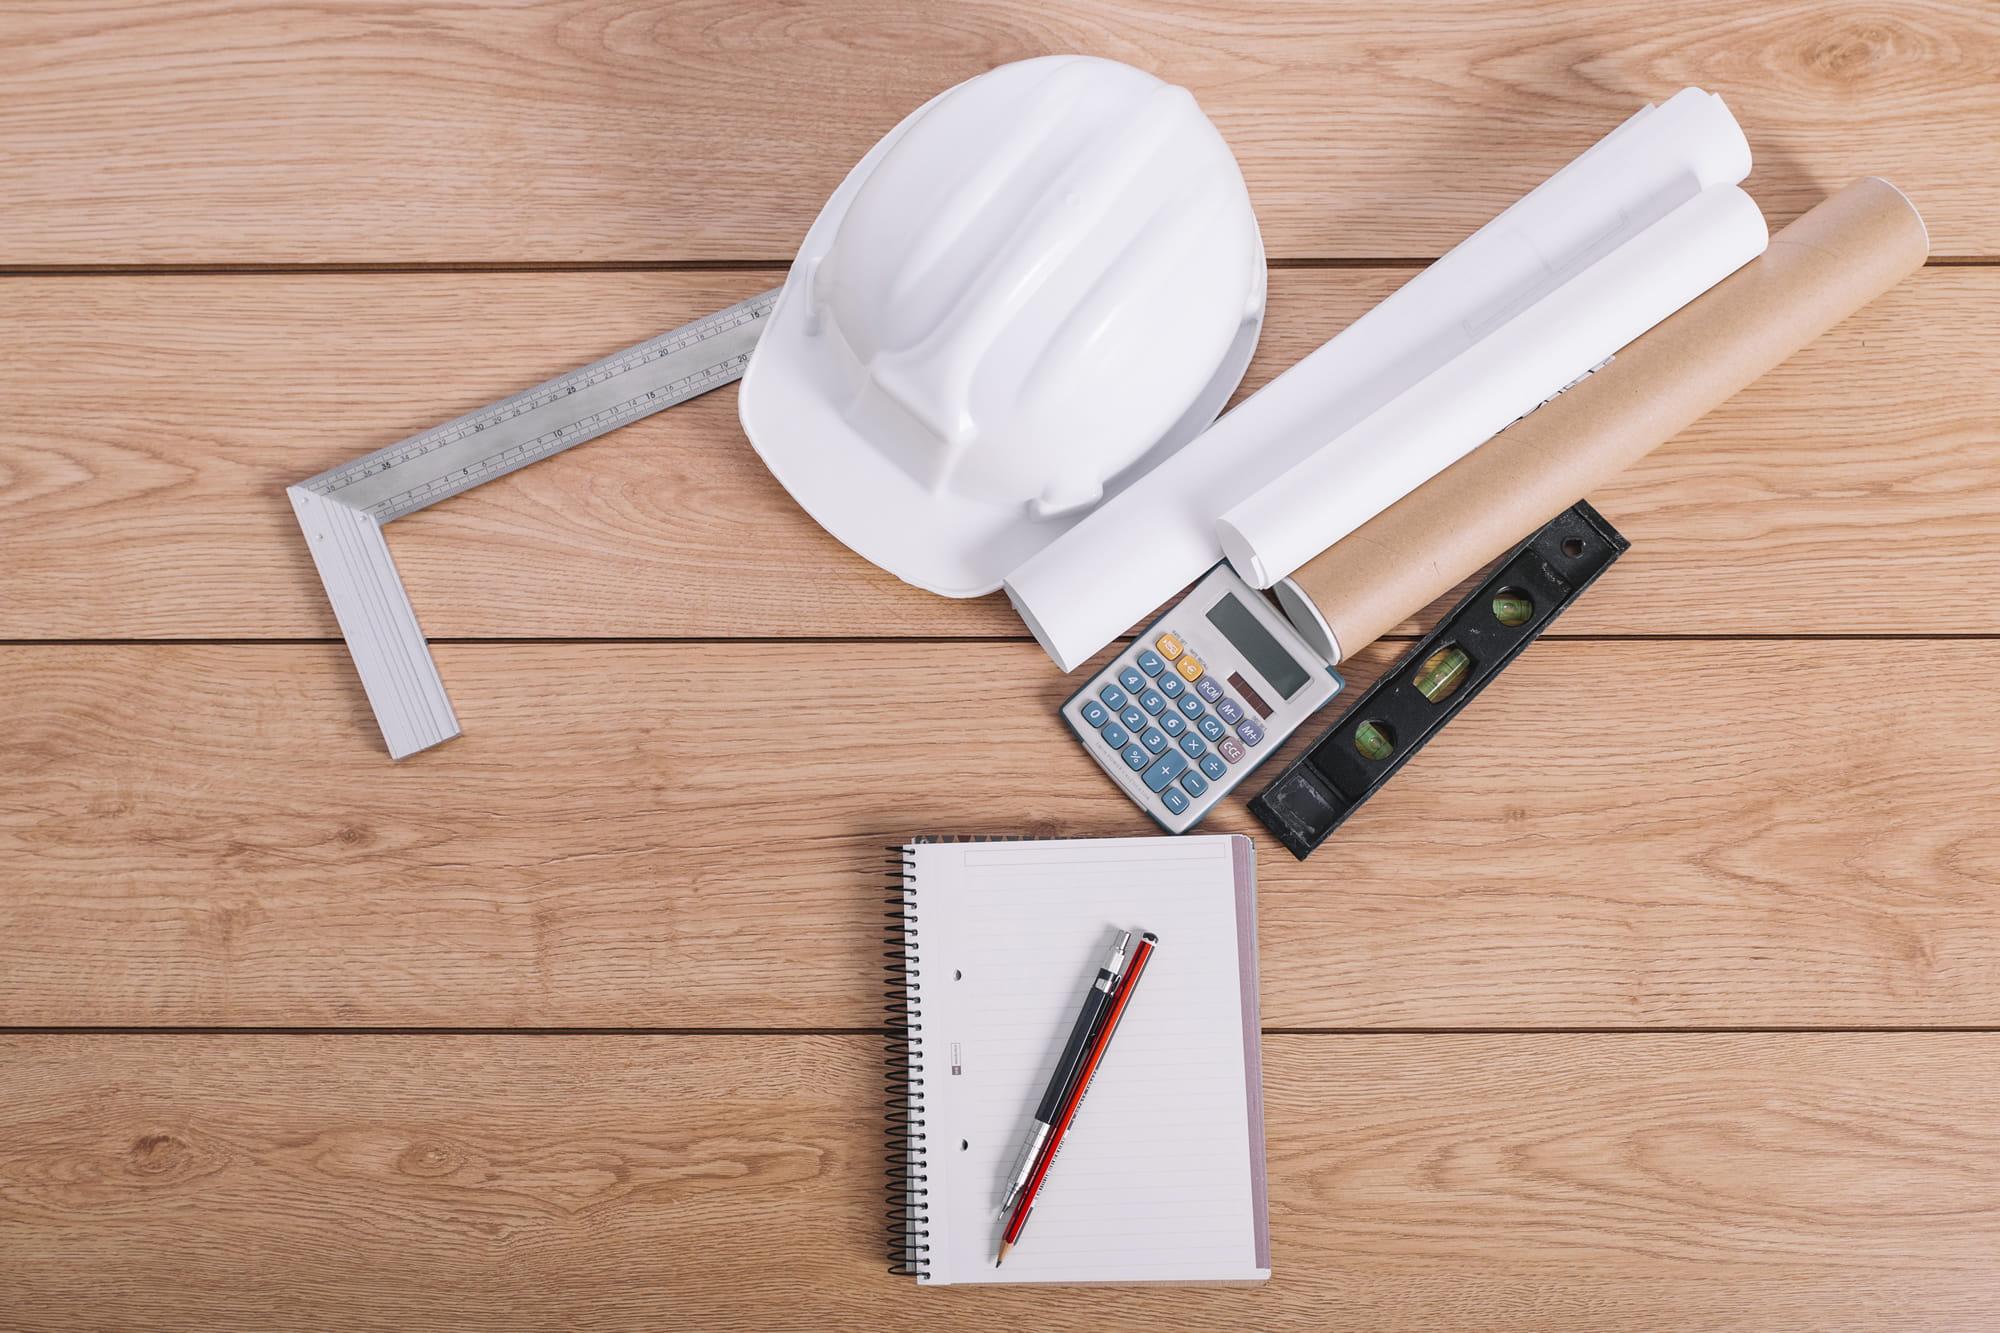 Outils de constructeur sur une table